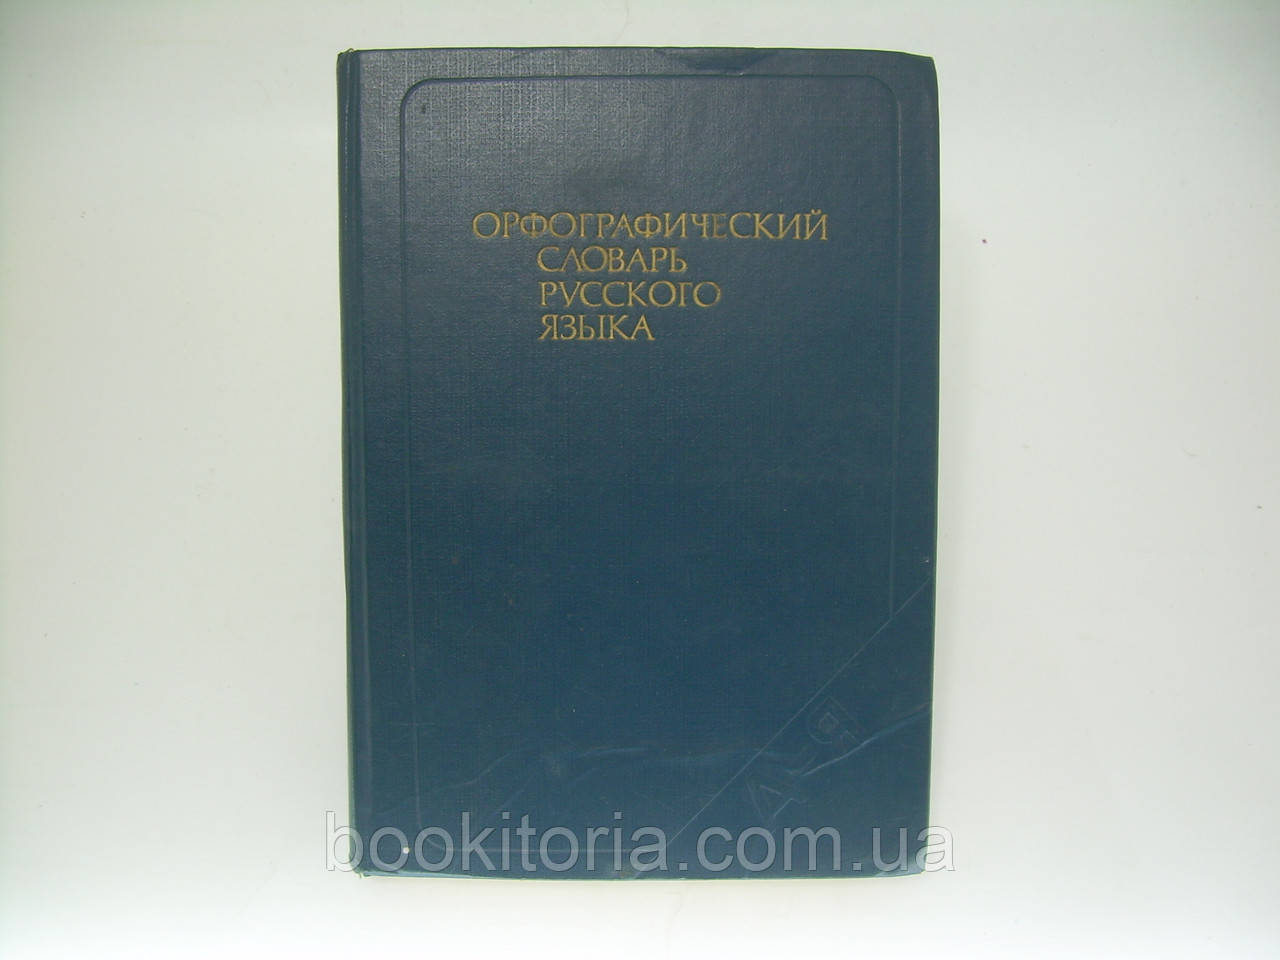 Орфографический словарь русского языка (б/у).